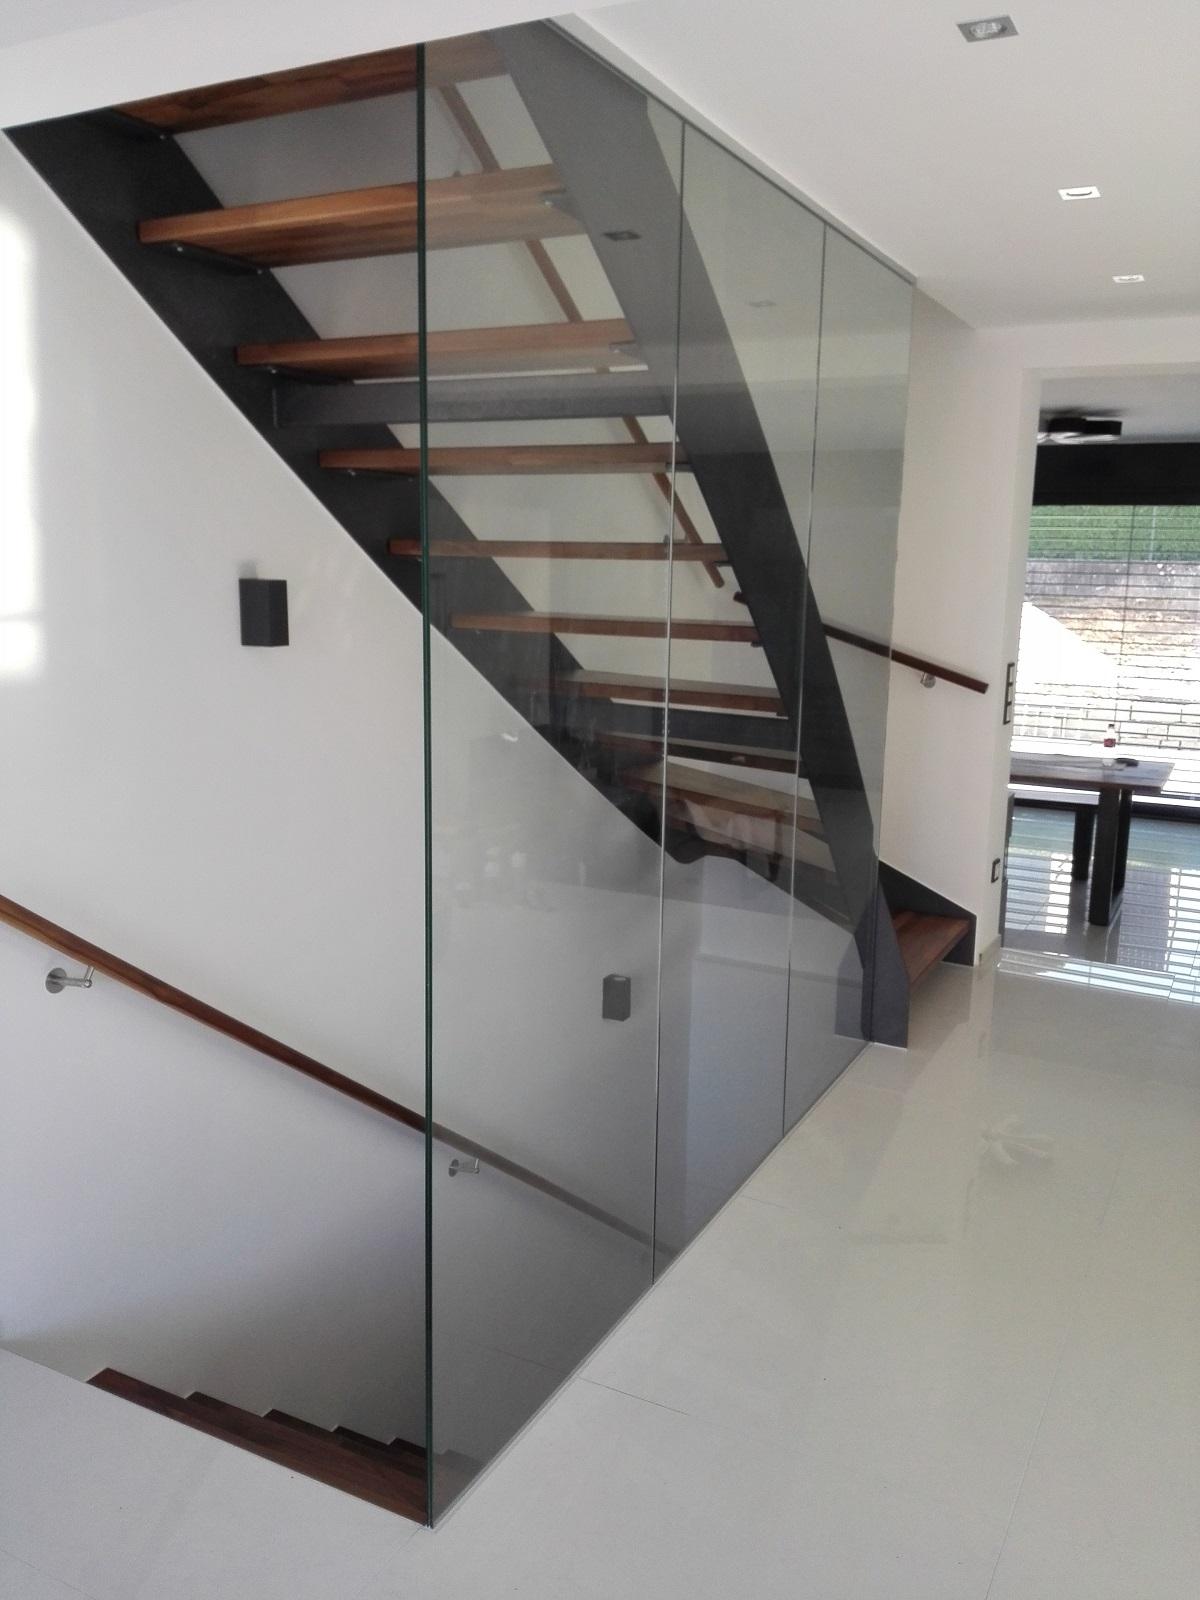 Treppenverglasung-absturzsicherung